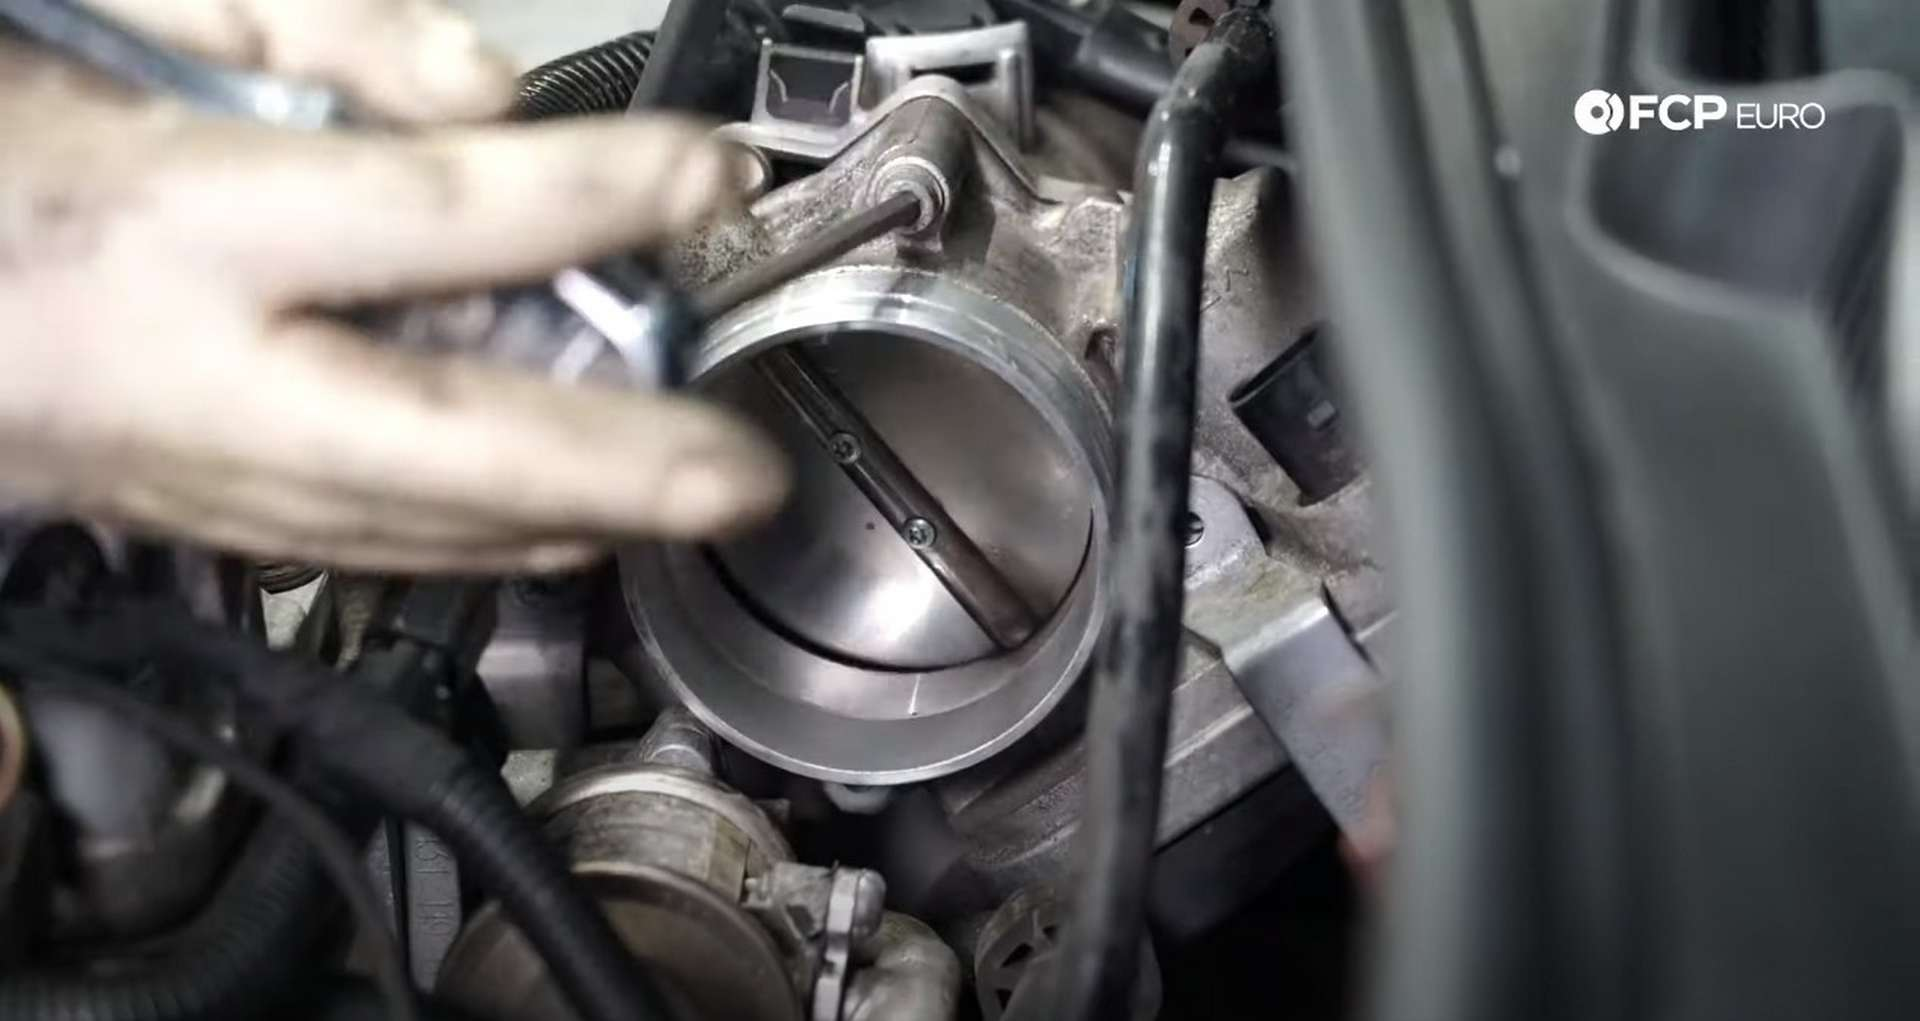 27-DIY-VW-VR6-Valve-Cover-Gasket-Clearing-Engine